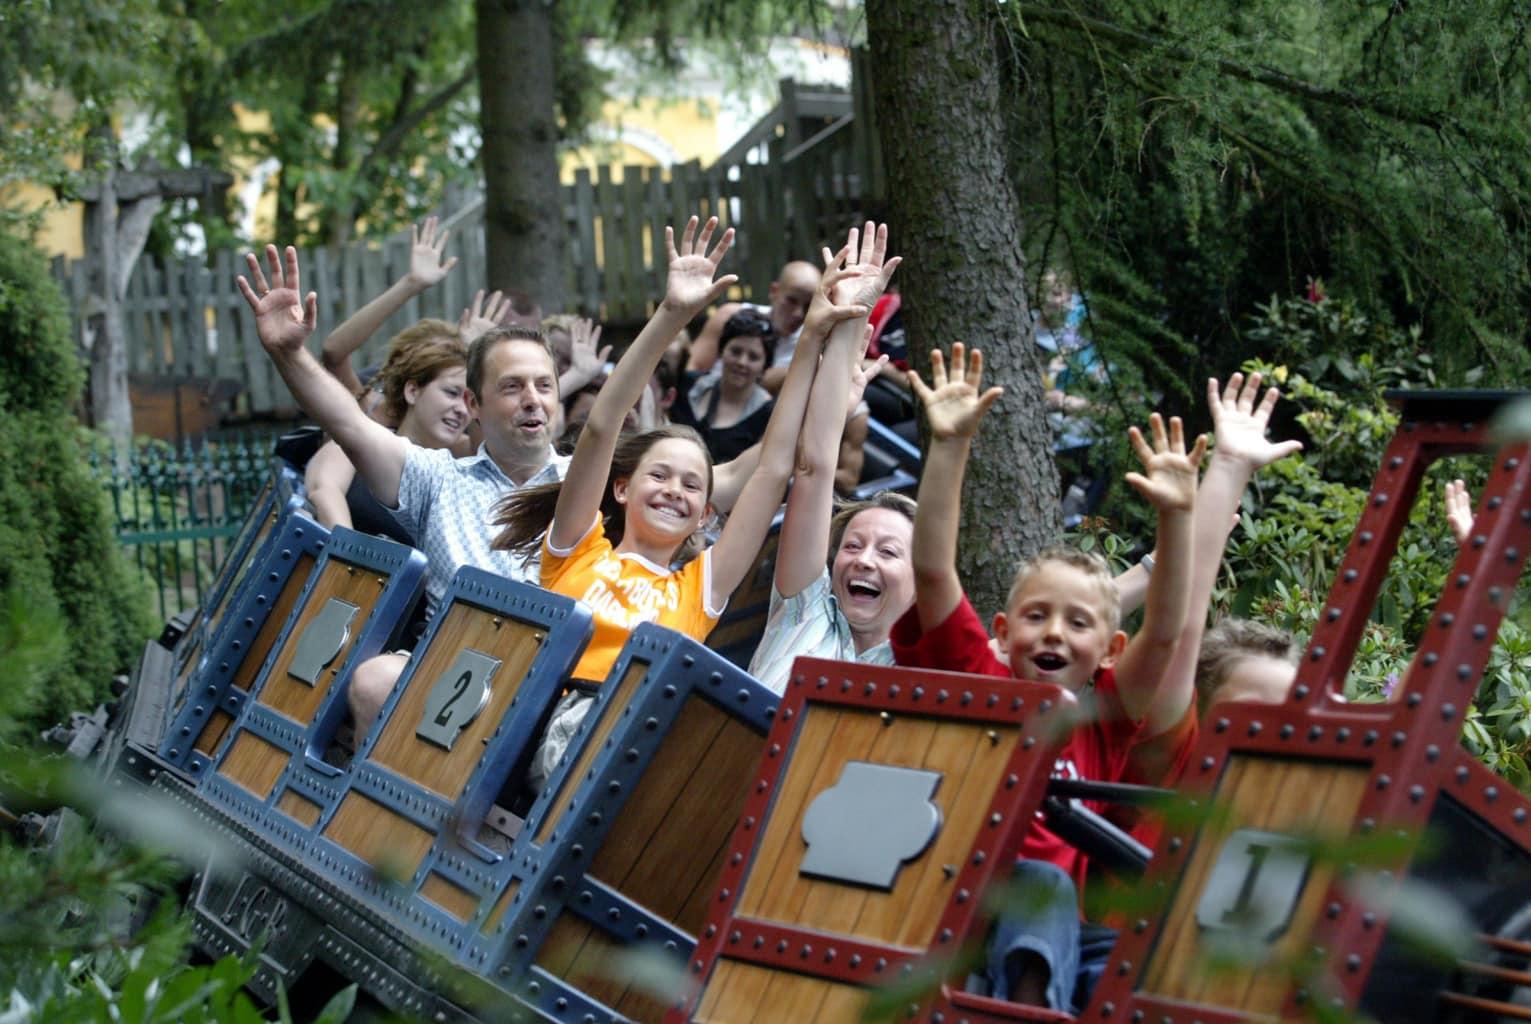 Onder de pretparken in Duitland is Europapark een van de meest populaire ook vanwegen de achtbanen